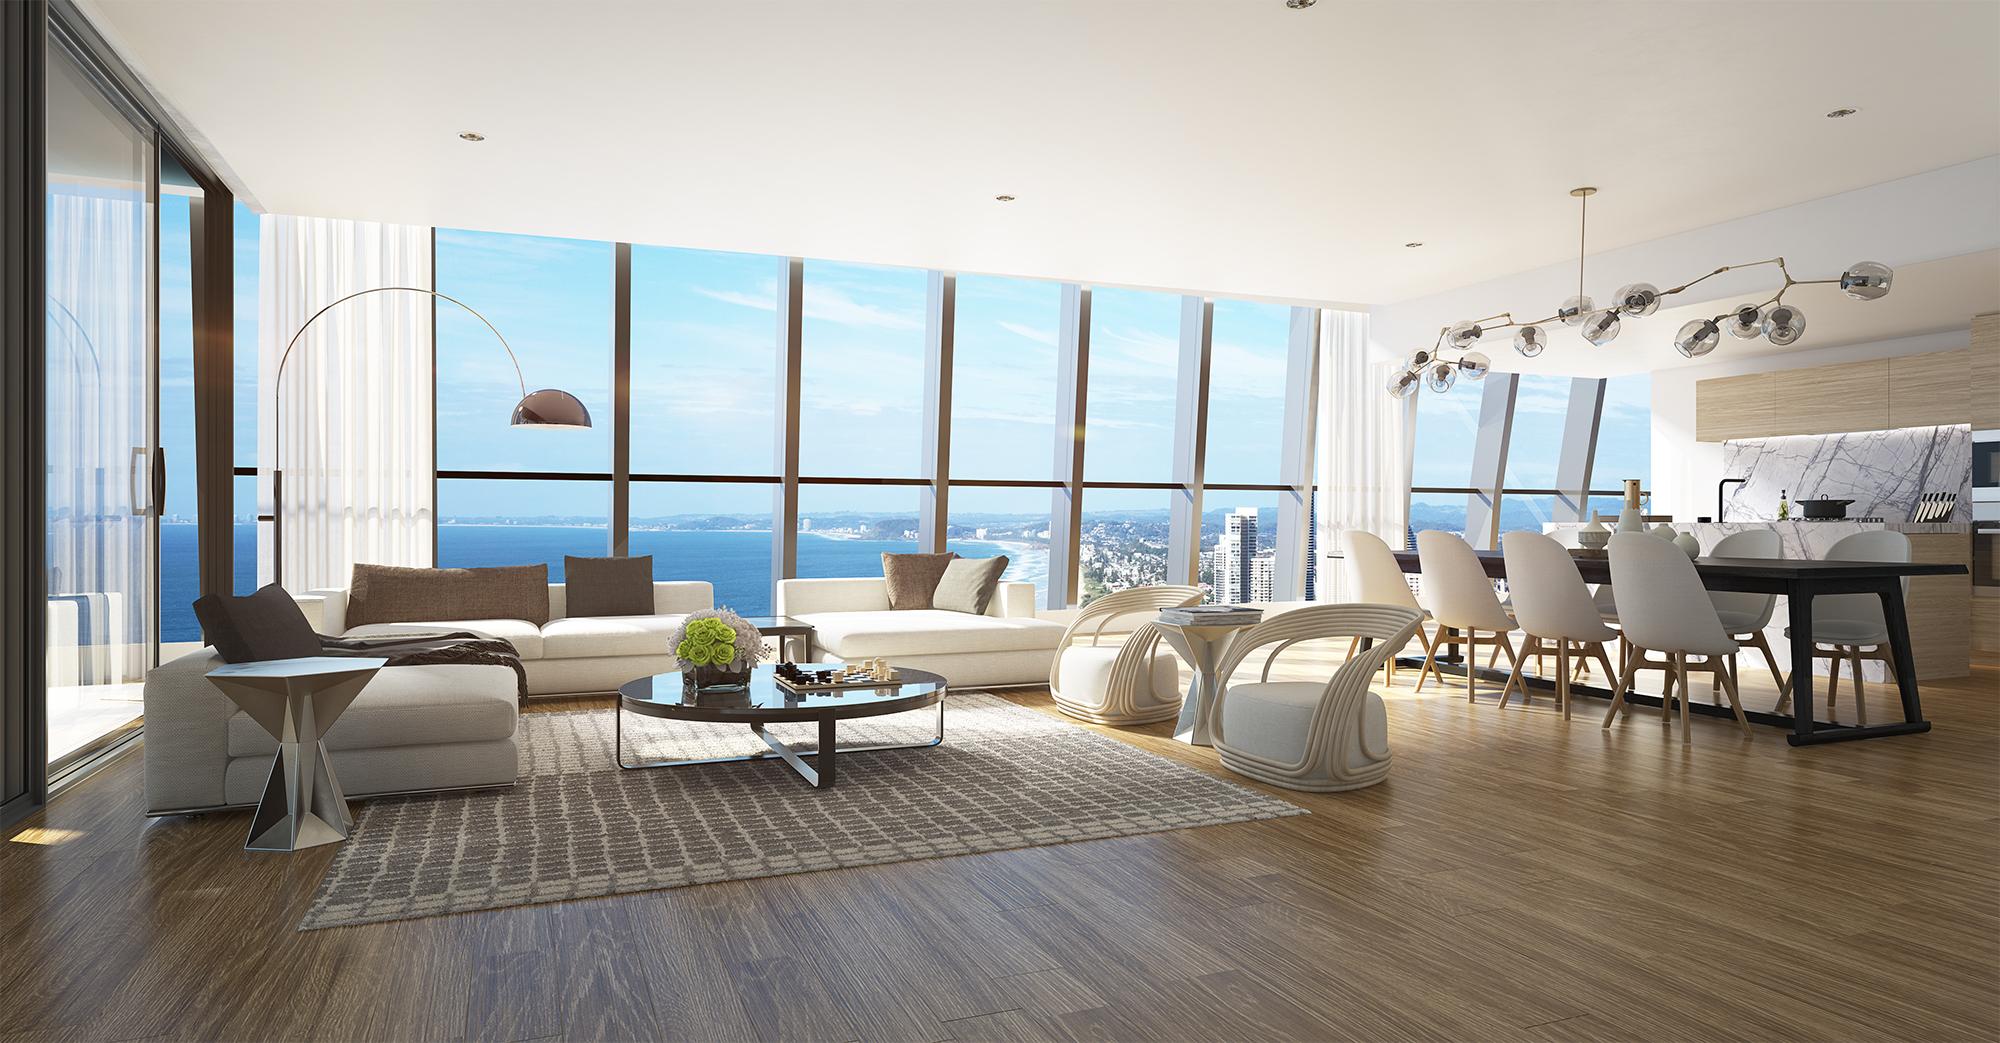 interior - living a